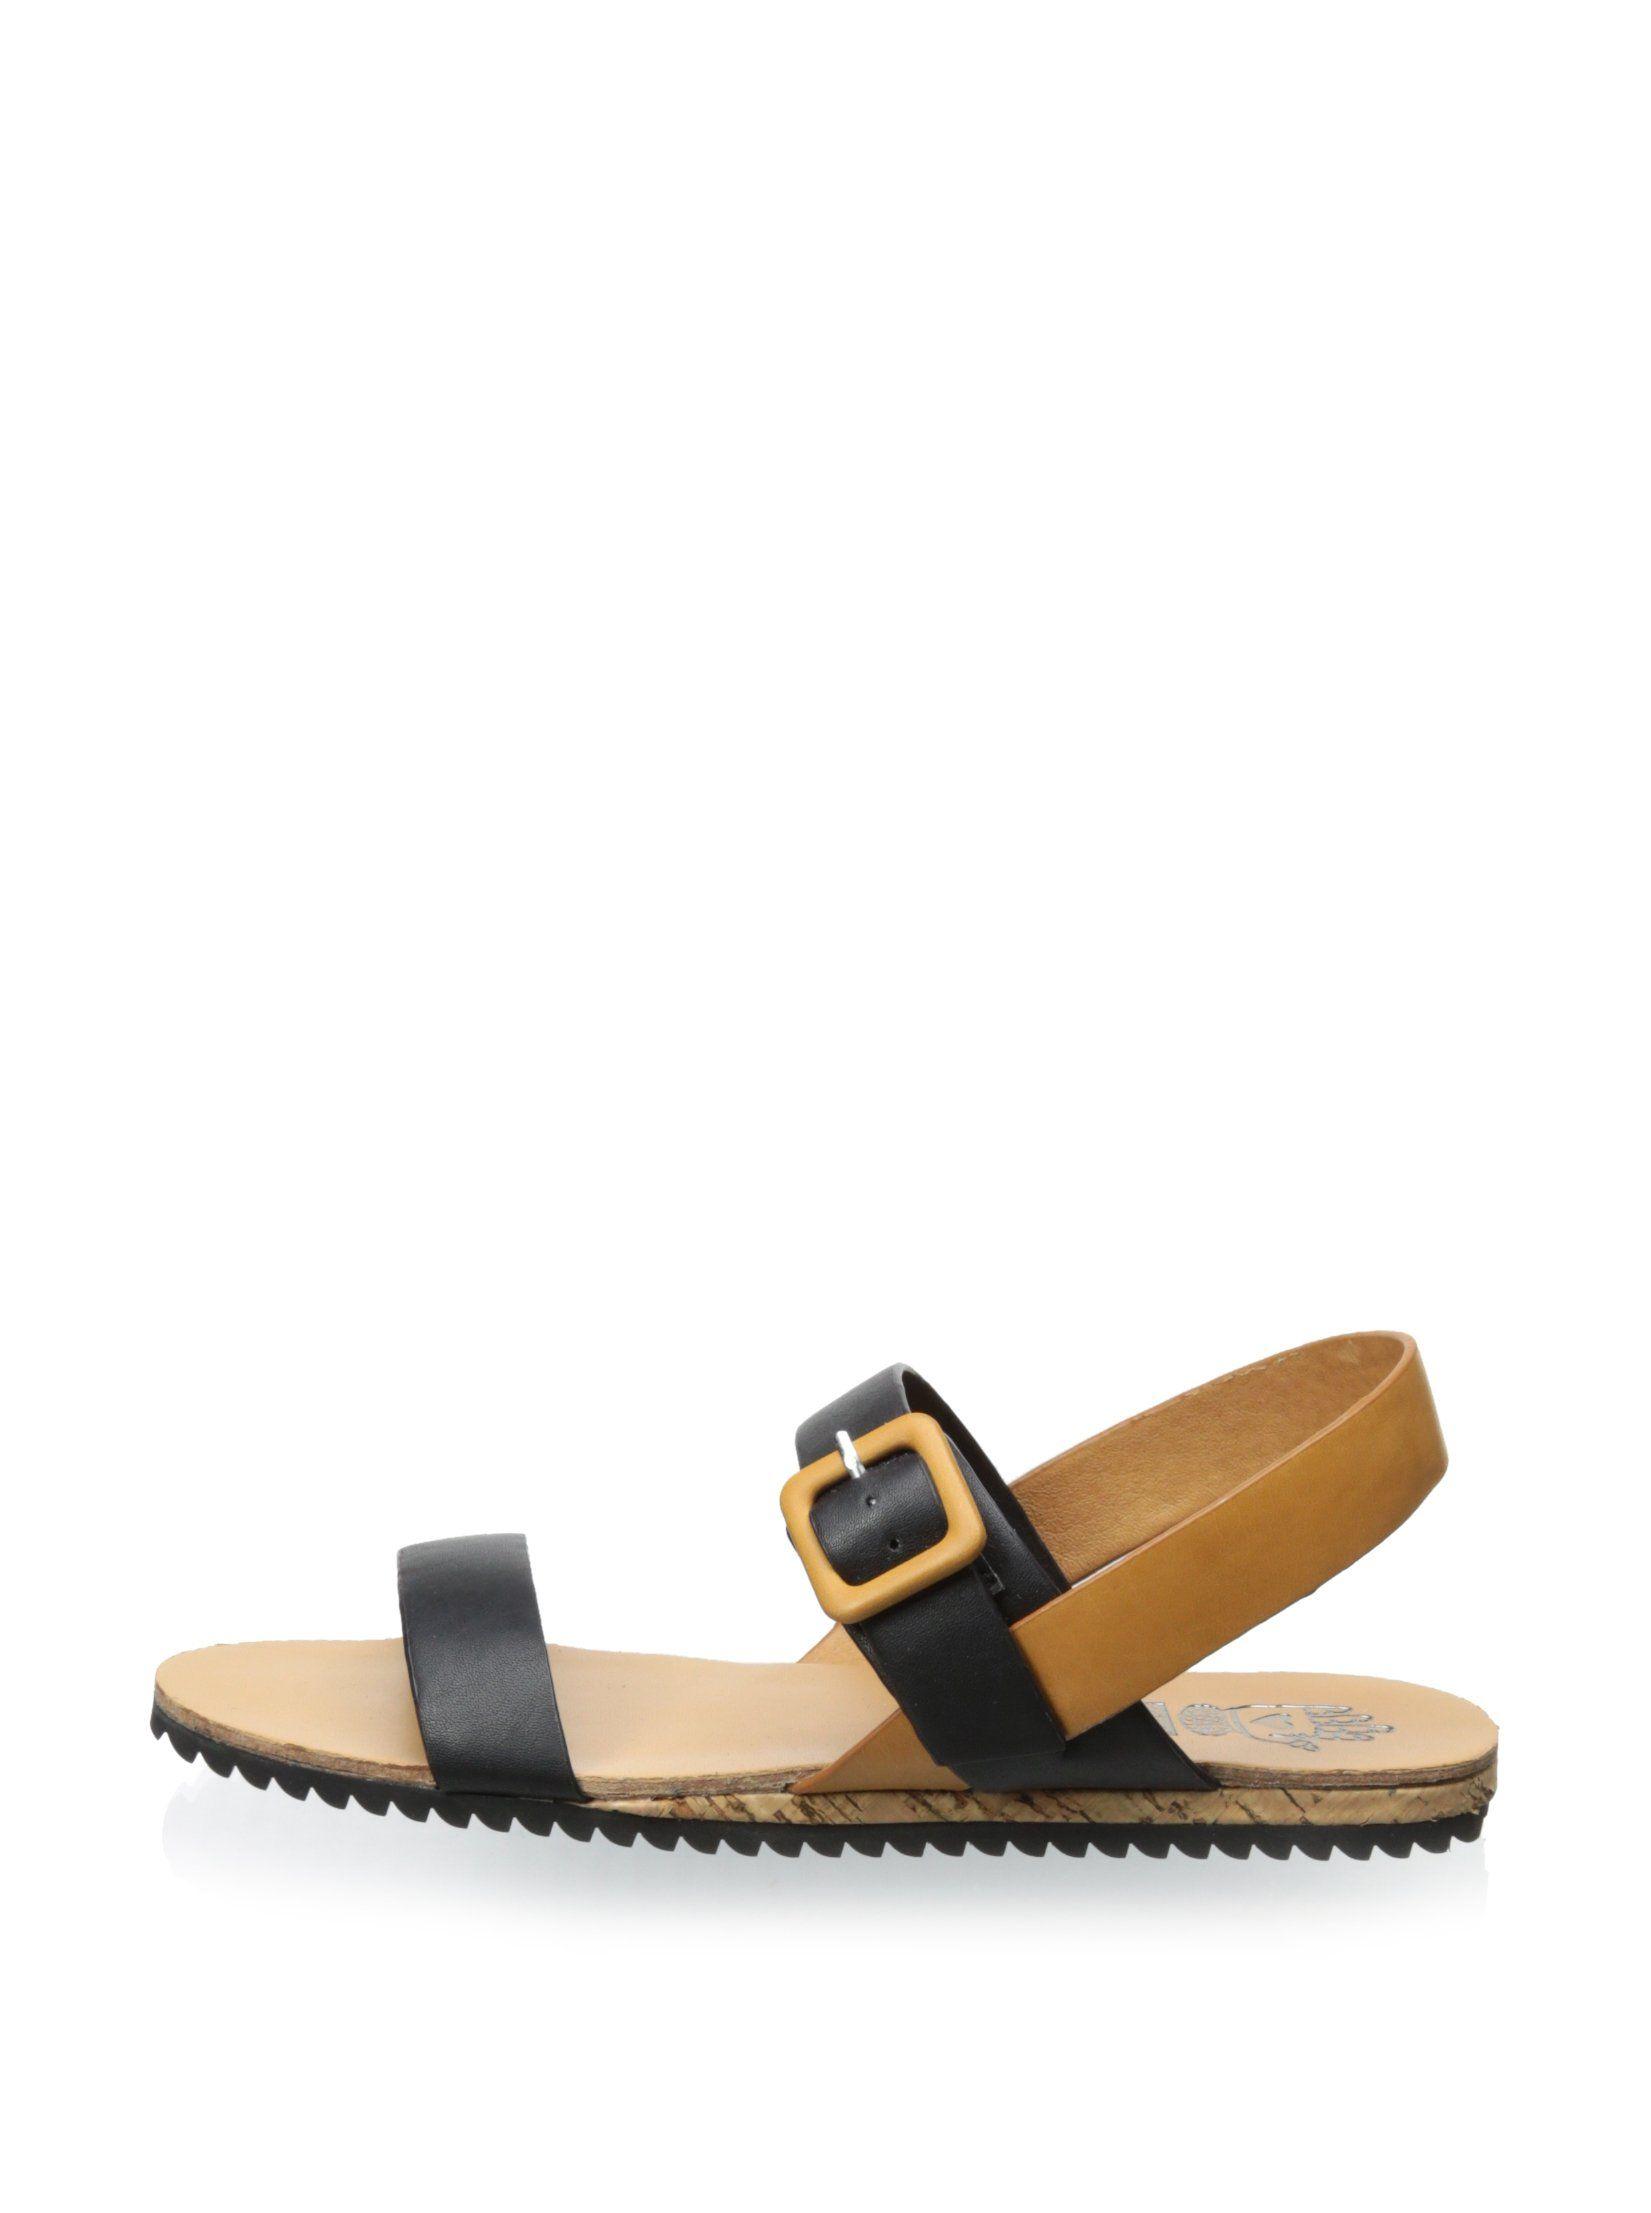 26df11a4401 Soles Women s Deakin Sandal at MYHABIT